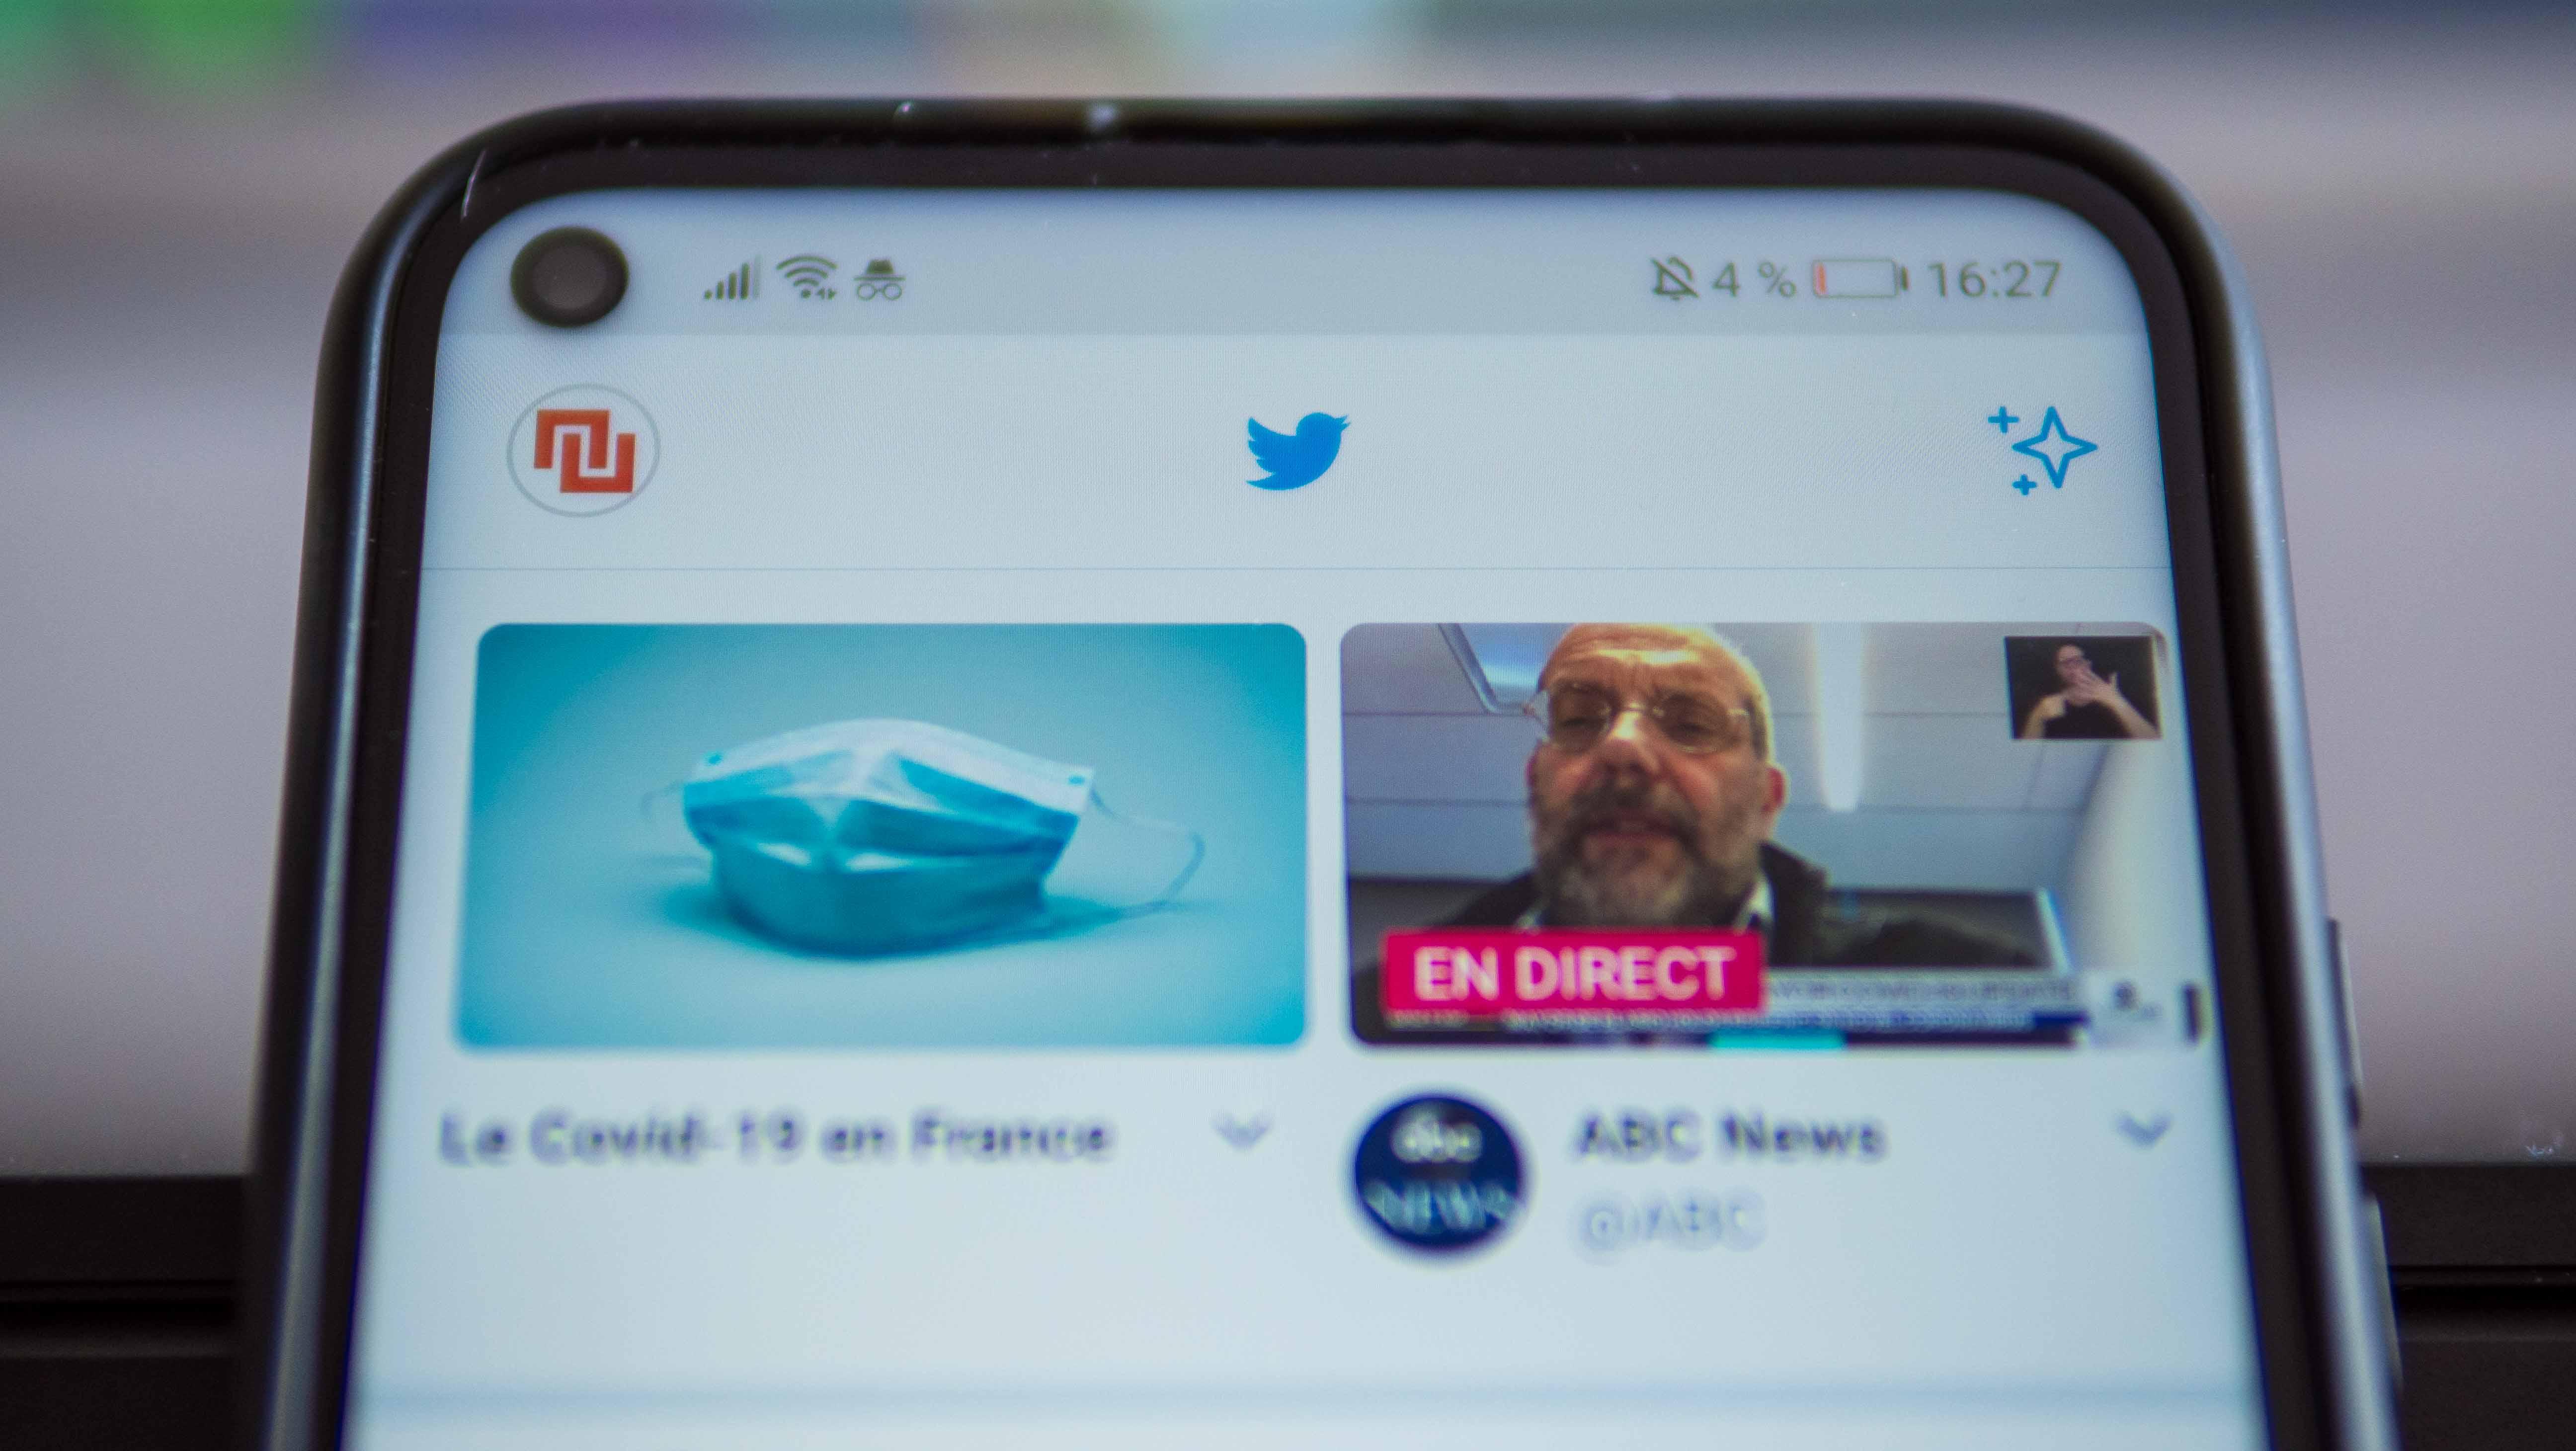 Piratage massif de Twitter: 20% des employés auraient pu être à l'origine de la faille